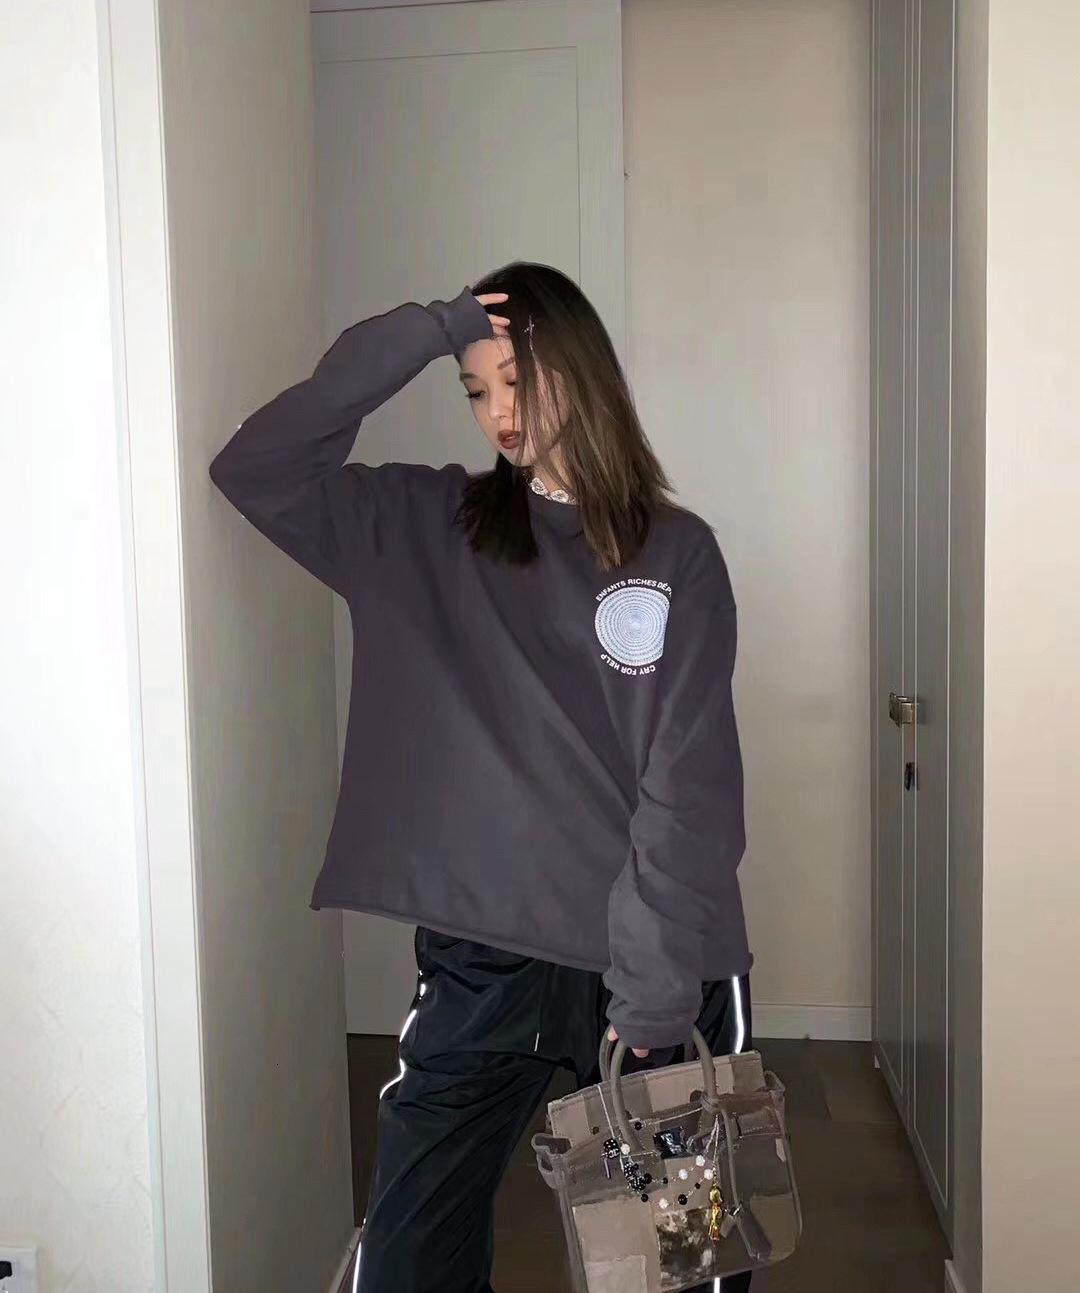 High Street Erd Melancholy богатая второго поколения Диск полное печатное наложение свободно мужская и женская футболка с длинным рукавом